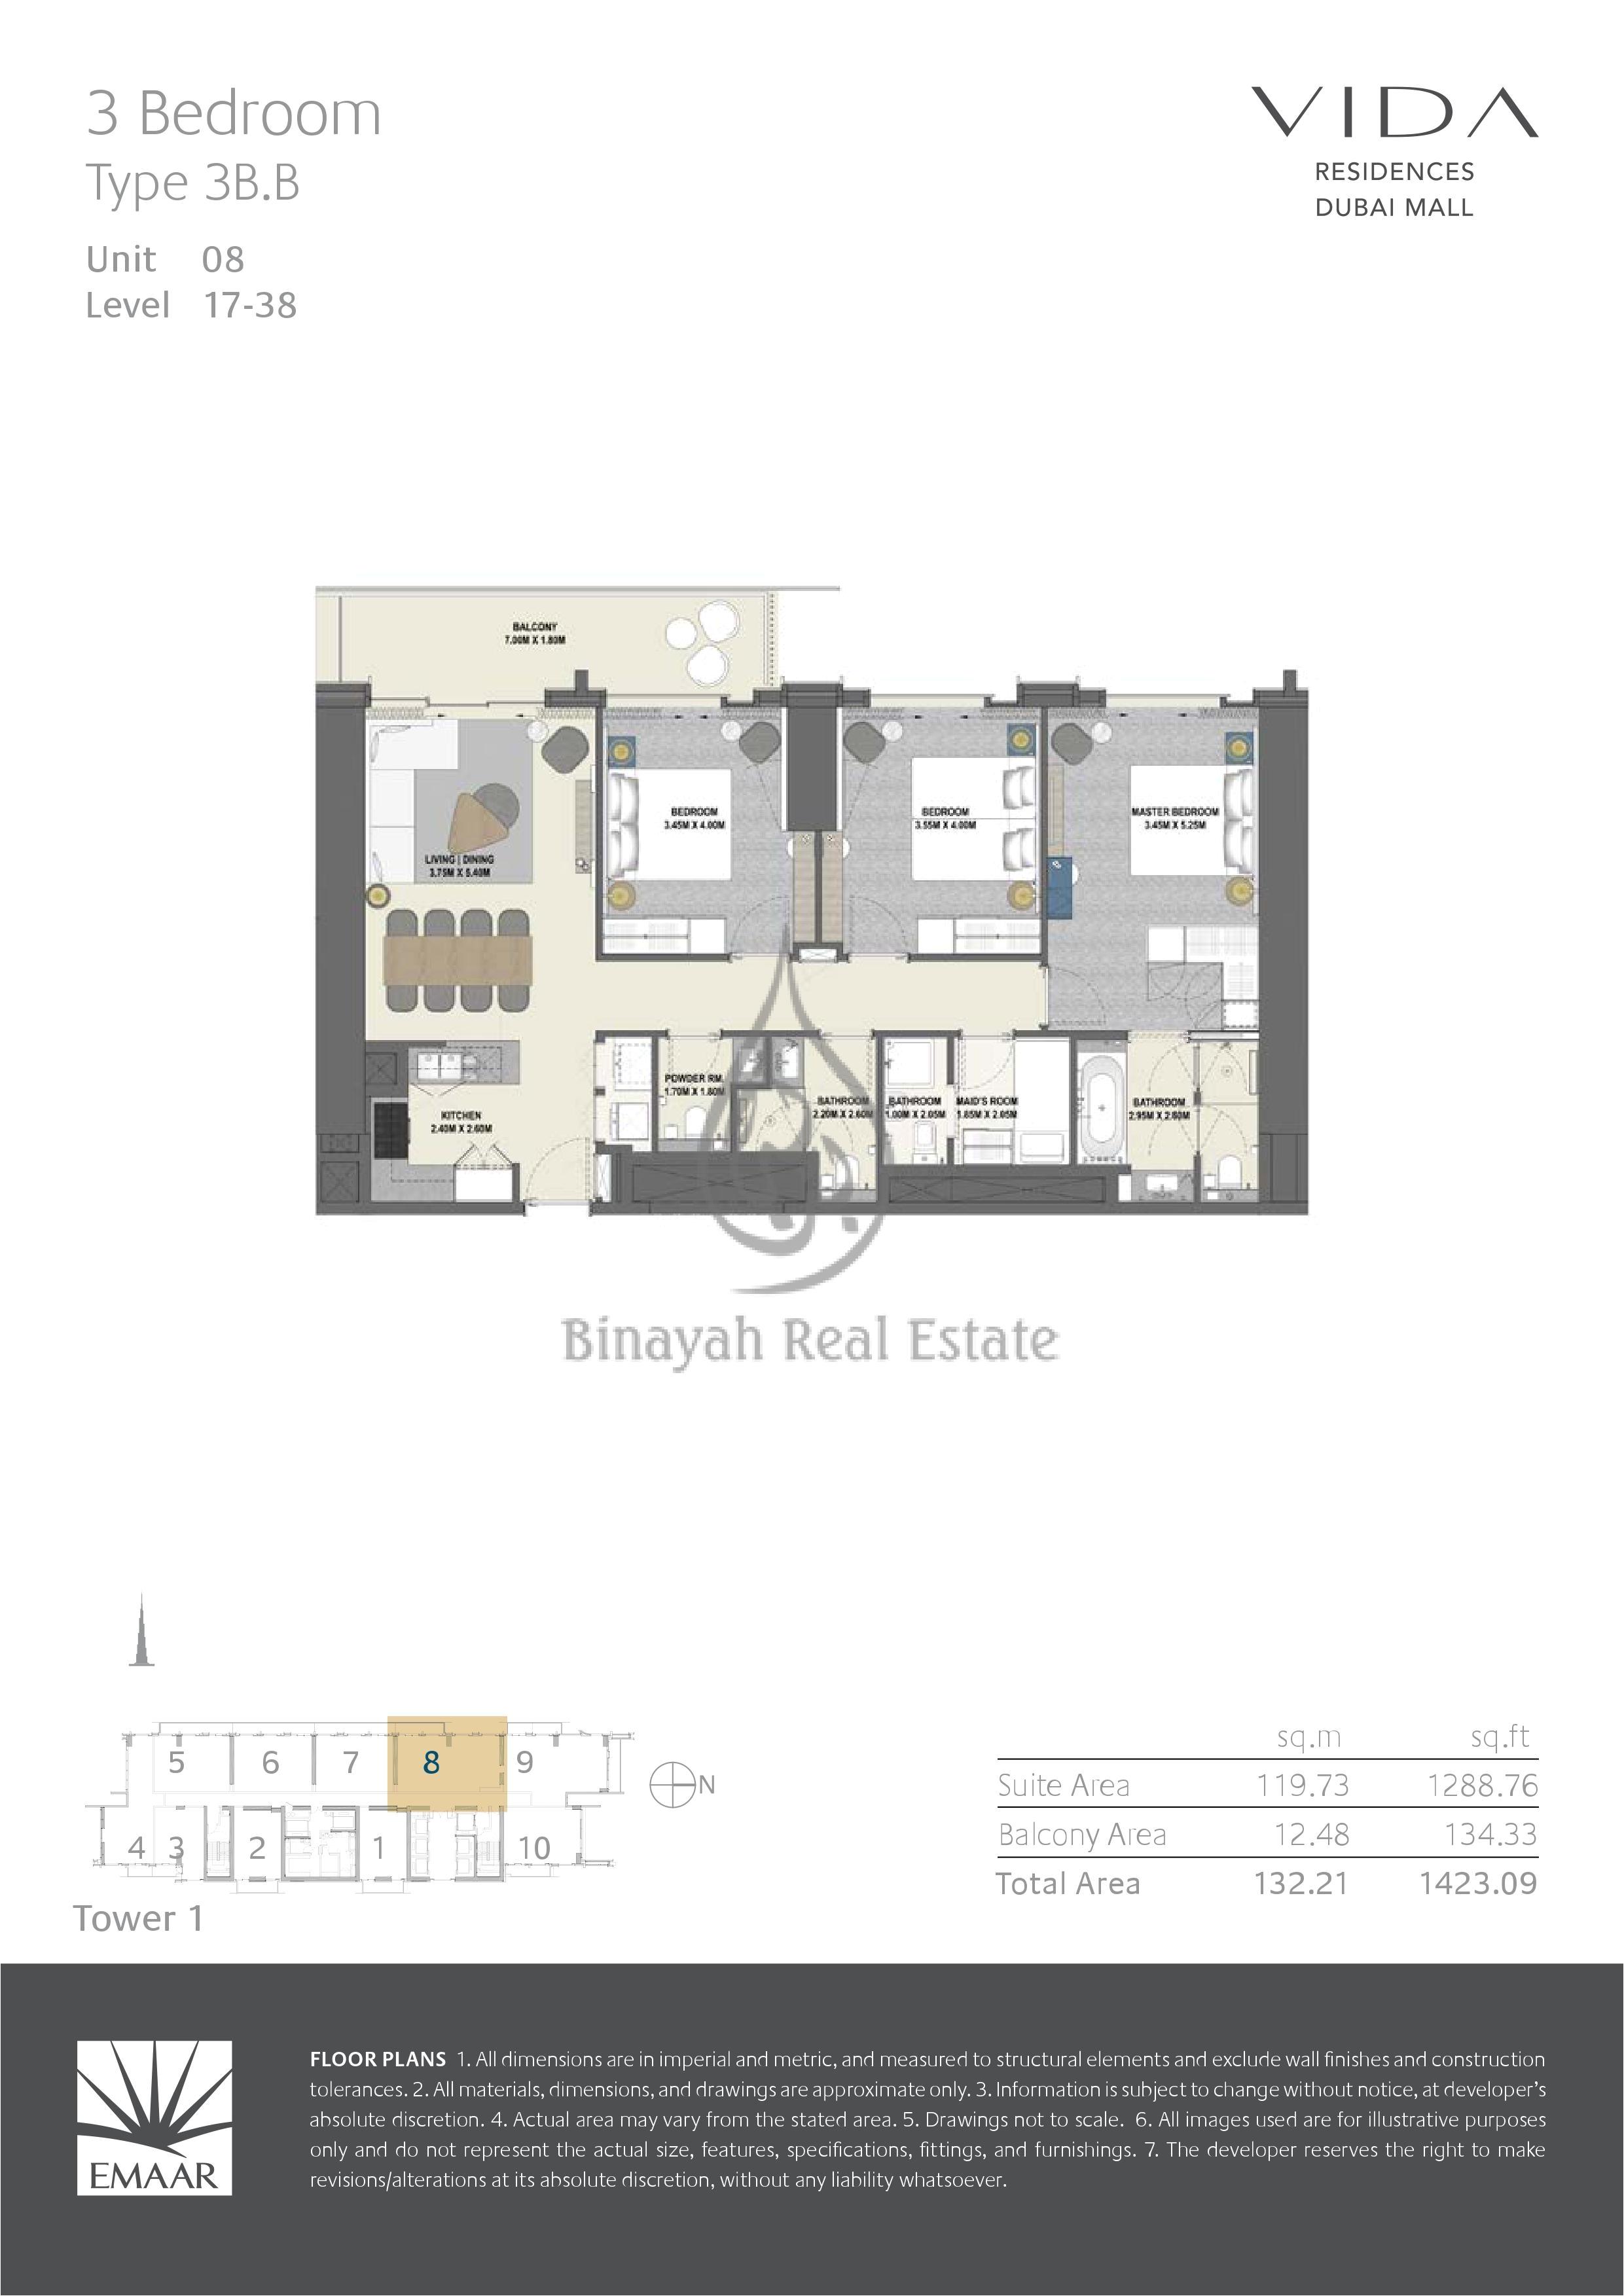 2 Master Bedroom Motorhome 3 Bedroom Rv Floor Plan Floor Plan Dream Home Pinterest